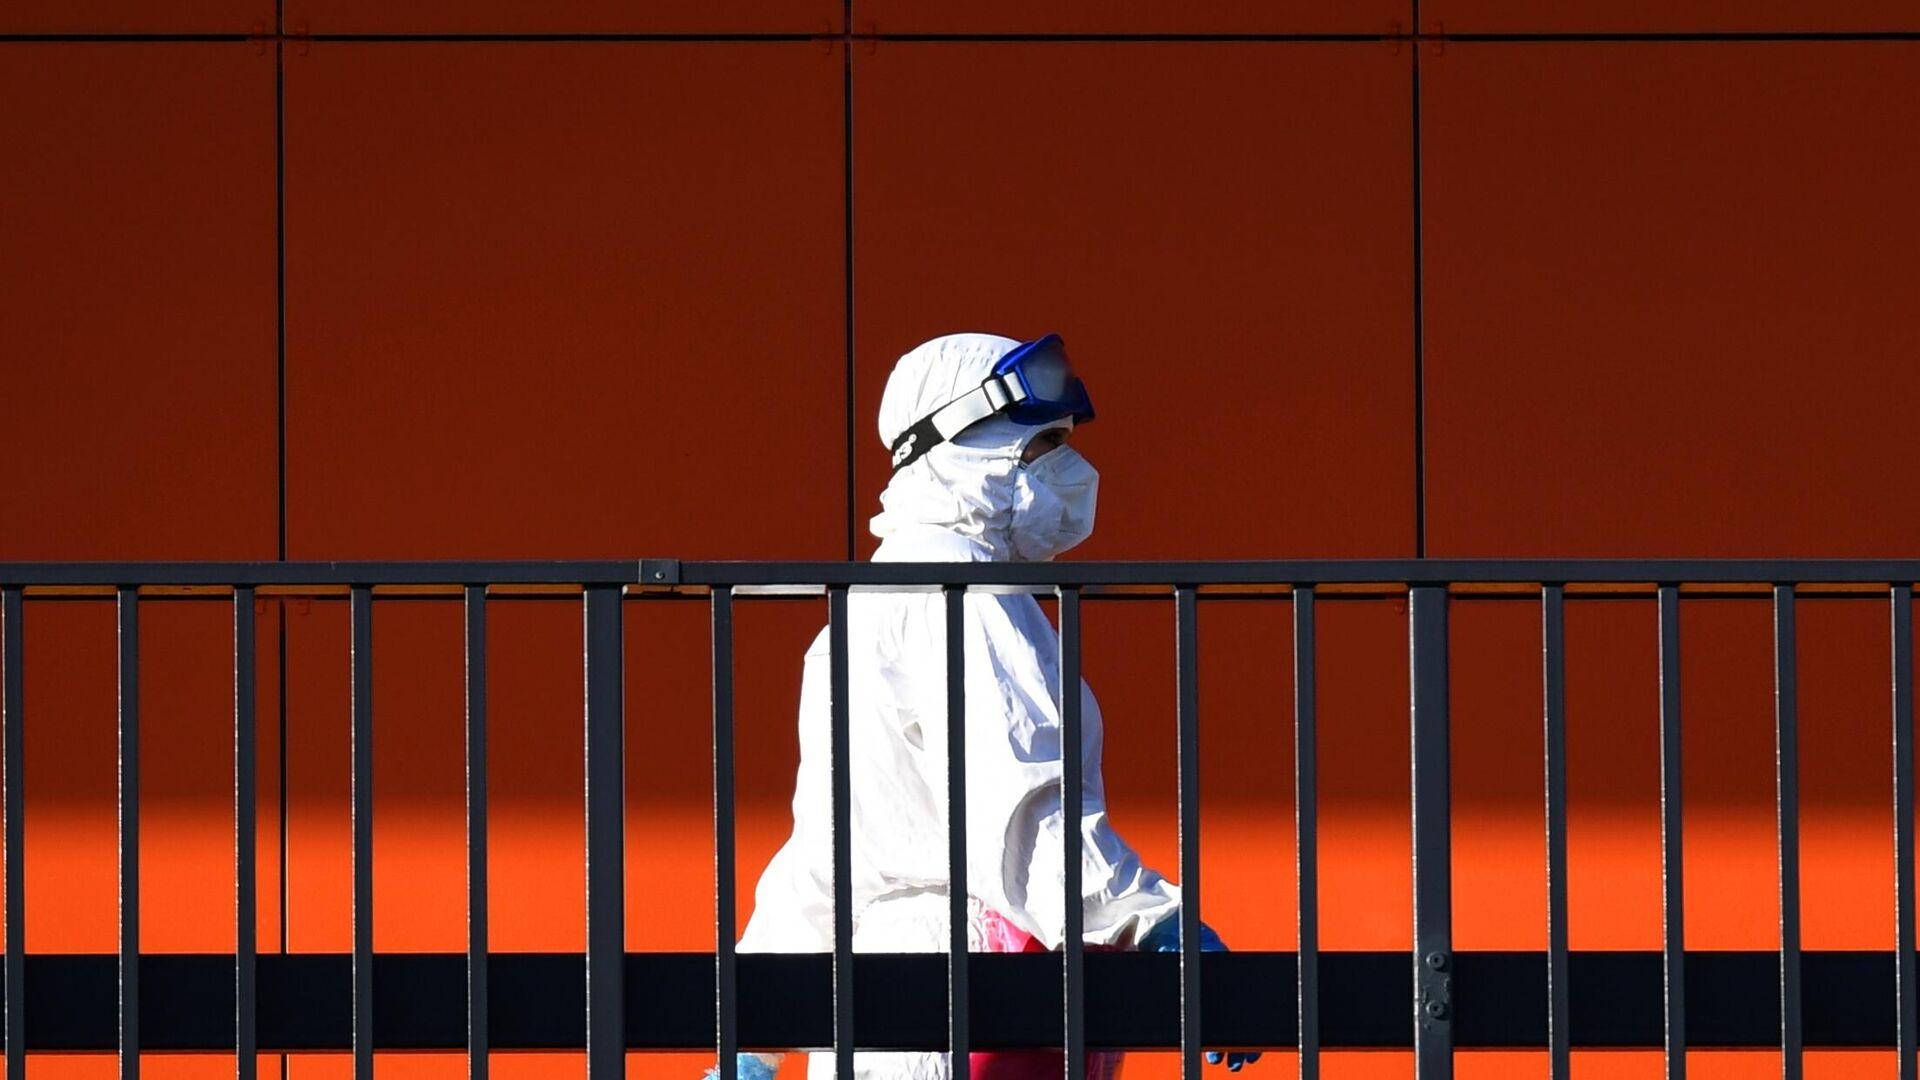 Медицинский работник на территории Республиканской клинической инфекционной больницы в Казани - РИА Новости, 1920, 29.10.2020